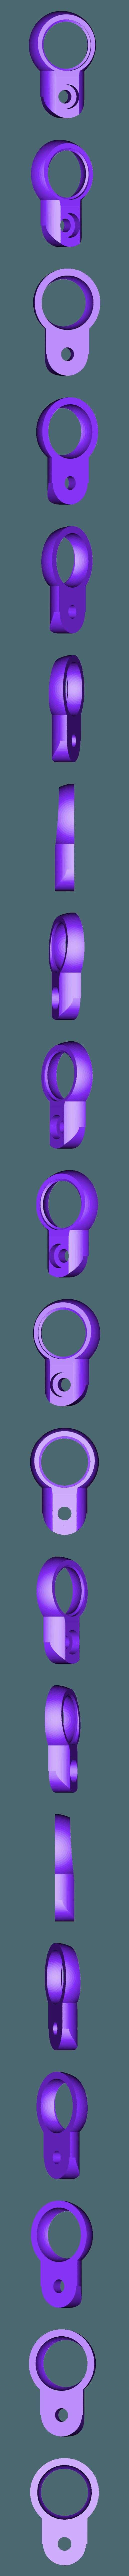 balljoint_top.stl Télécharger fichier STL gratuit Configuration G2S de Geetech pour les microprogrammes répétitifs • Modèle pour impression 3D, kakiemon